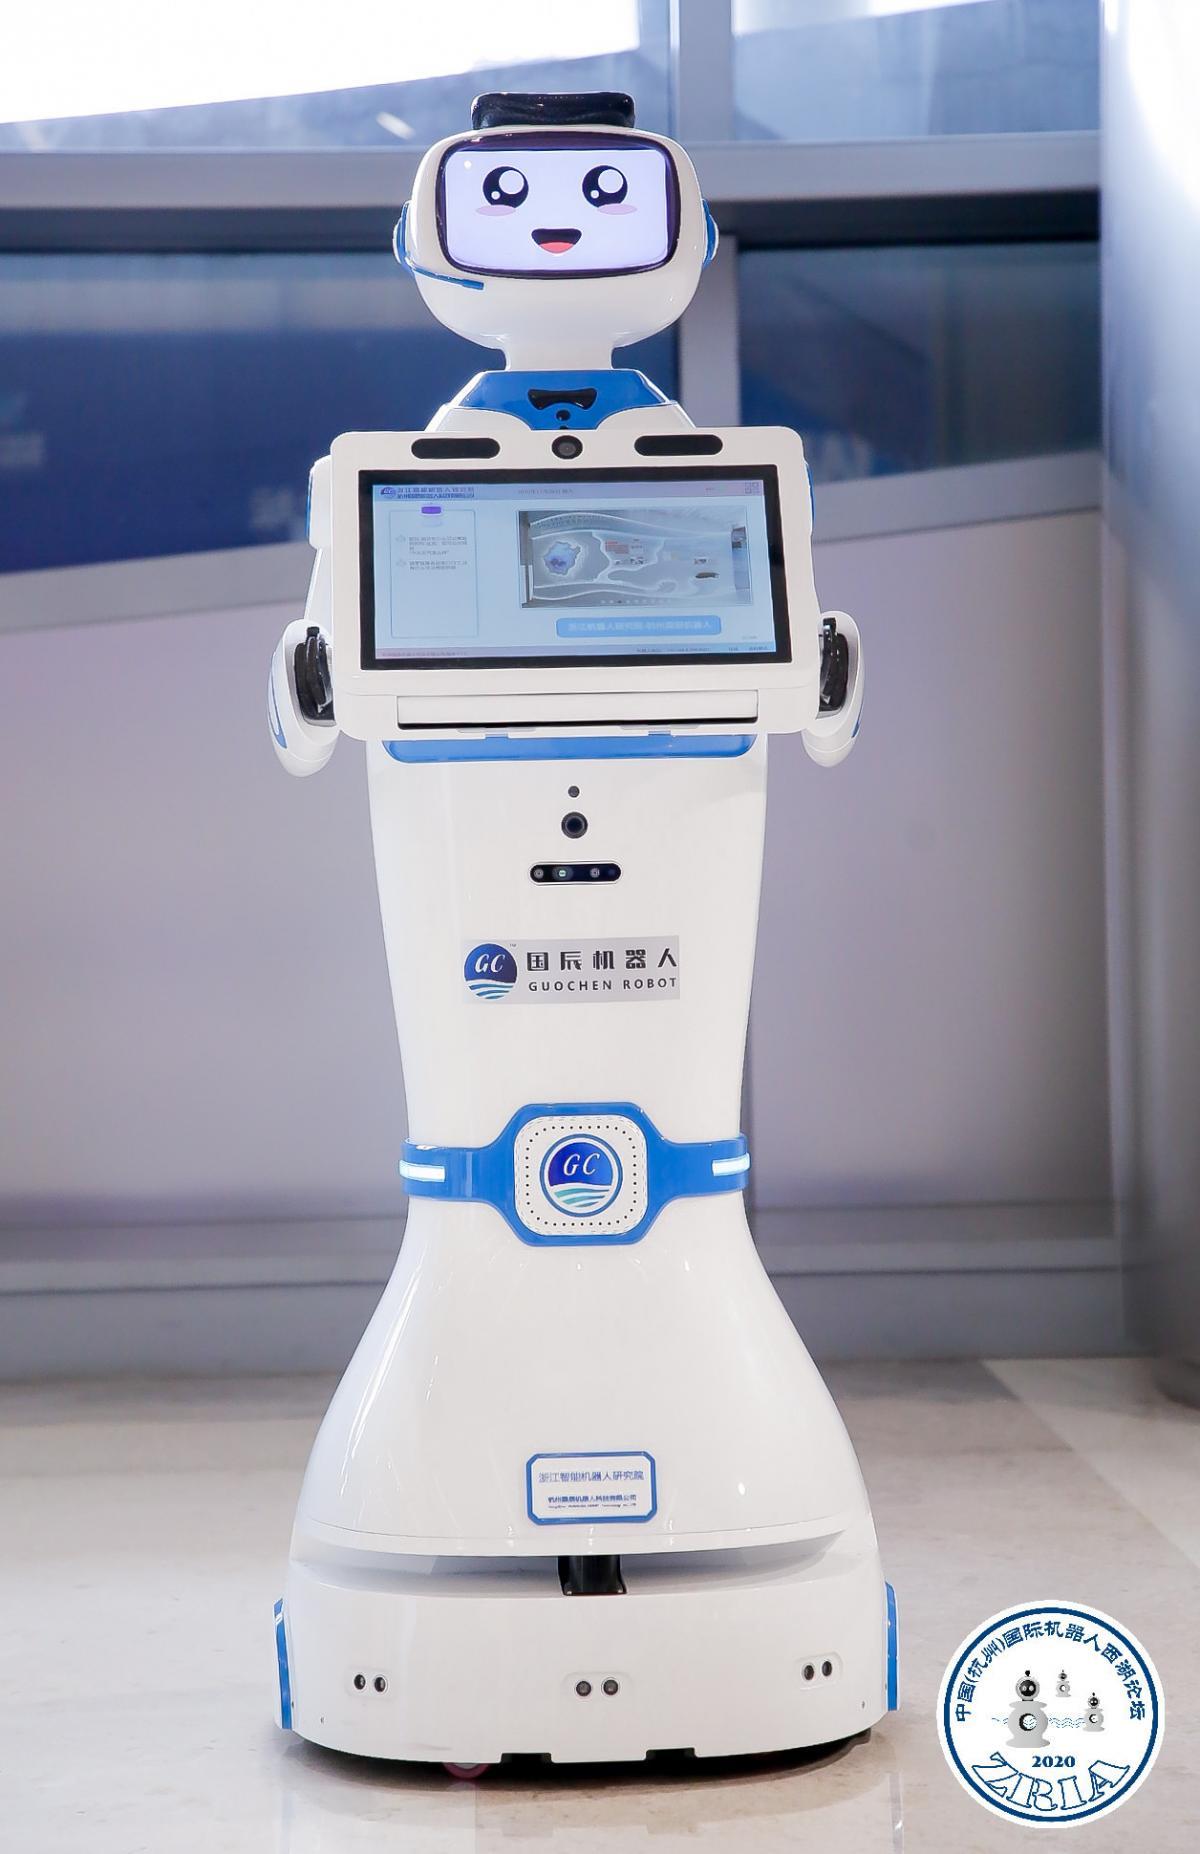 什么是展厅讲解机器人,它的作用功能是什么